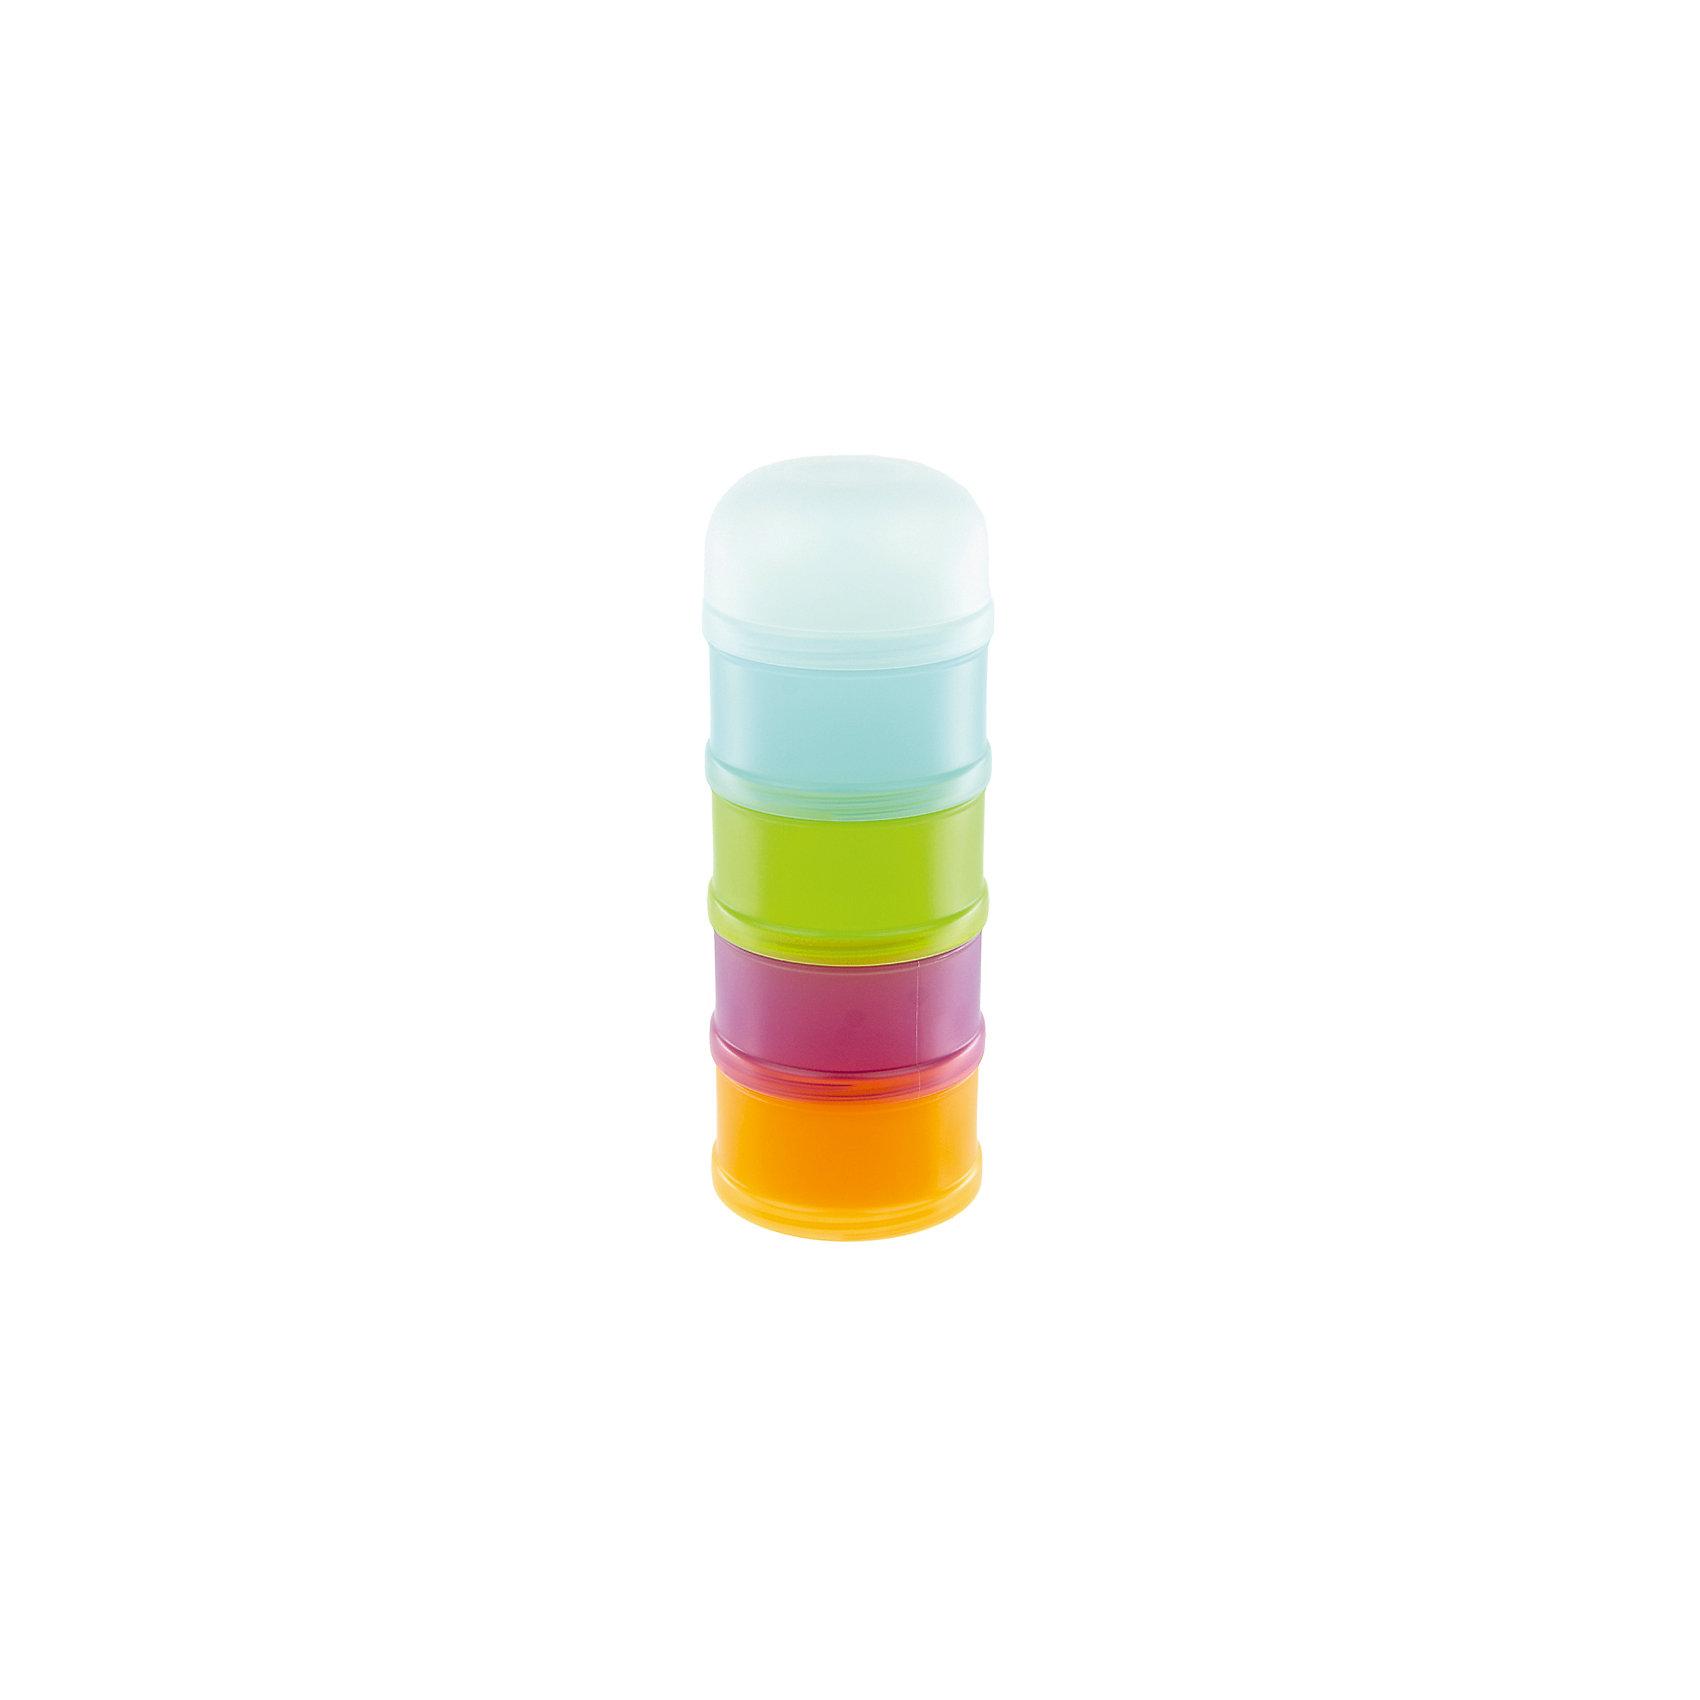 Контейнер-дозатор для молока от 0 мес., SuavinexХарактеристики:<br><br>• Наименование: контейнер-дозатор для молока<br>• Материал: пластик<br>• Пол: универсальный<br>• Цвет: оранжевый, зеленый, бирюзовый, фиолетовый<br>• Комплектация: 4 съемных отсека, крышка с носиком, колпачок<br>• Вес: 128 г<br>• Параметры (Д*Ш*В): 7,7*7,7*20 см <br>• Особенности ухода: разрешается мыть в горячей мыльной воде, допускается стерилизация<br><br>Контейнер-дозатор для молока от 0 мес., Suavinex изготовлен испанским торговым брендом, специализирующимся на выпуске товаров для кормления и аксессуаров новорожденным и младенцам. Изделие предназначено для организации питания младенца в поездках и путешествиях. <br><br>Контейнер изготовлен из экологически безопасного пластика, который устойчив к повреждениям и появлению царапин. У изделия имеется четыре съемных независимых друг от друга отсека, предназначенных для хранения сухих смесей или каш. <br><br>Для удобства пересыпания предусмотрен носик-адаптер, при помощи которого смесь без особого труда можно пересыпать в бутылочку. У контейнера предусмотрен закручивающаяся крышка, что обеспечивает не только герметичность хранения, но и защищает от просыпания смеси. Контейнер-дозатор достаточно прост в уходе: его можно мыть в горячей мыльной воде и стерилизовать.<br><br>Контейнер для пустышки от 0 мес, Suavinex, светло-зеленый можно купить в нашем интернет-магазине.<br><br>Ширина мм: 77<br>Глубина мм: 77<br>Высота мм: 200<br>Вес г: 128<br>Возраст от месяцев: 0<br>Возраст до месяцев: 24<br>Пол: Унисекс<br>Возраст: Детский<br>SKU: 5451313